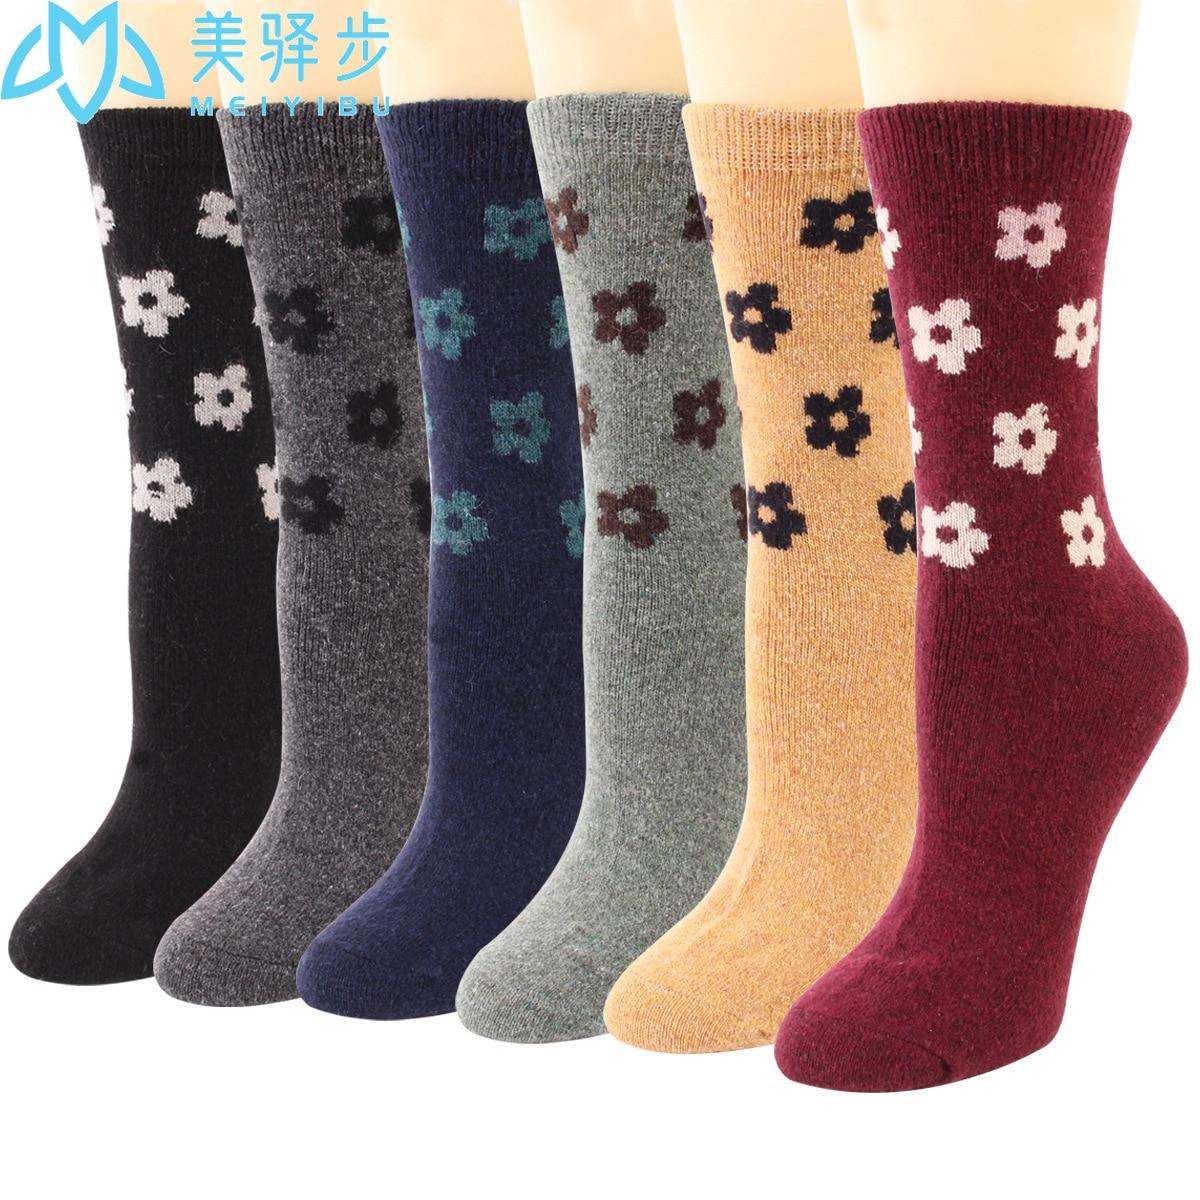 12 пар в комплекте, фабричные шерстяные зимние носки, шерстяные чулки, маленькие цветы, лидер продаж, женские шерстяные носки